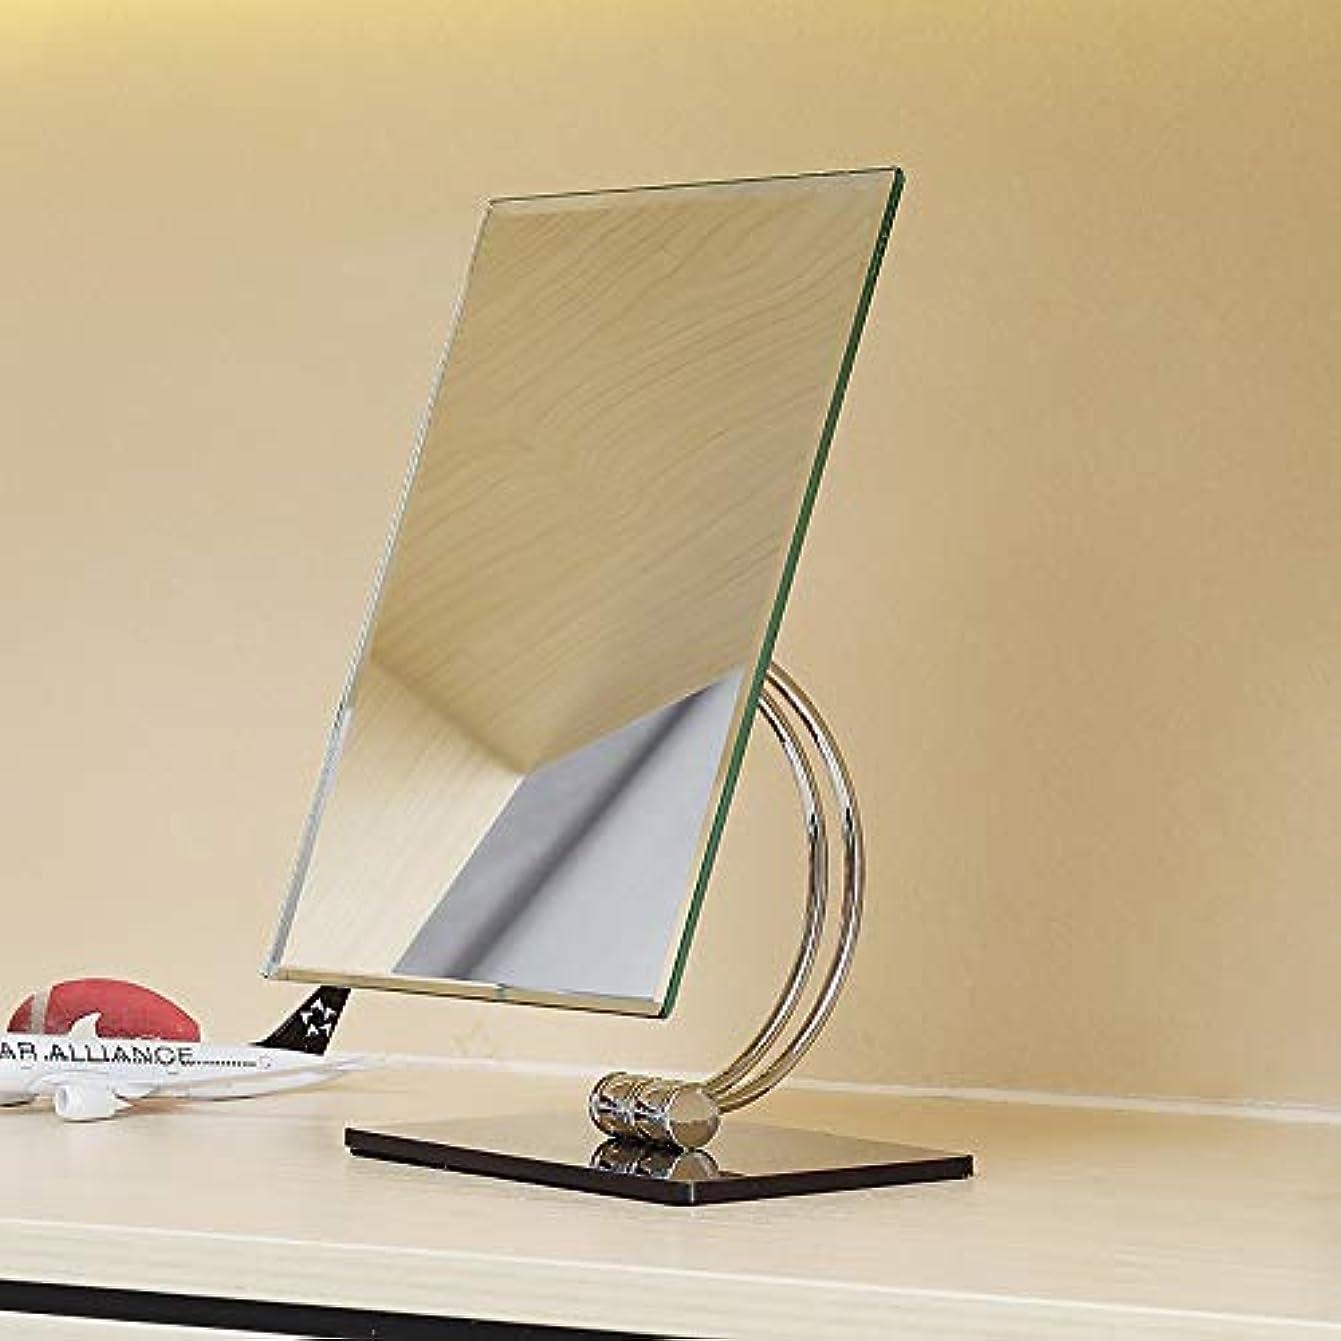 見込み有害廃止流行の スクエア片面HDステンレススチールシルバーミラー+ ABSプラスチックシェル化粧鏡ホームバニティミラーカウンターミラー